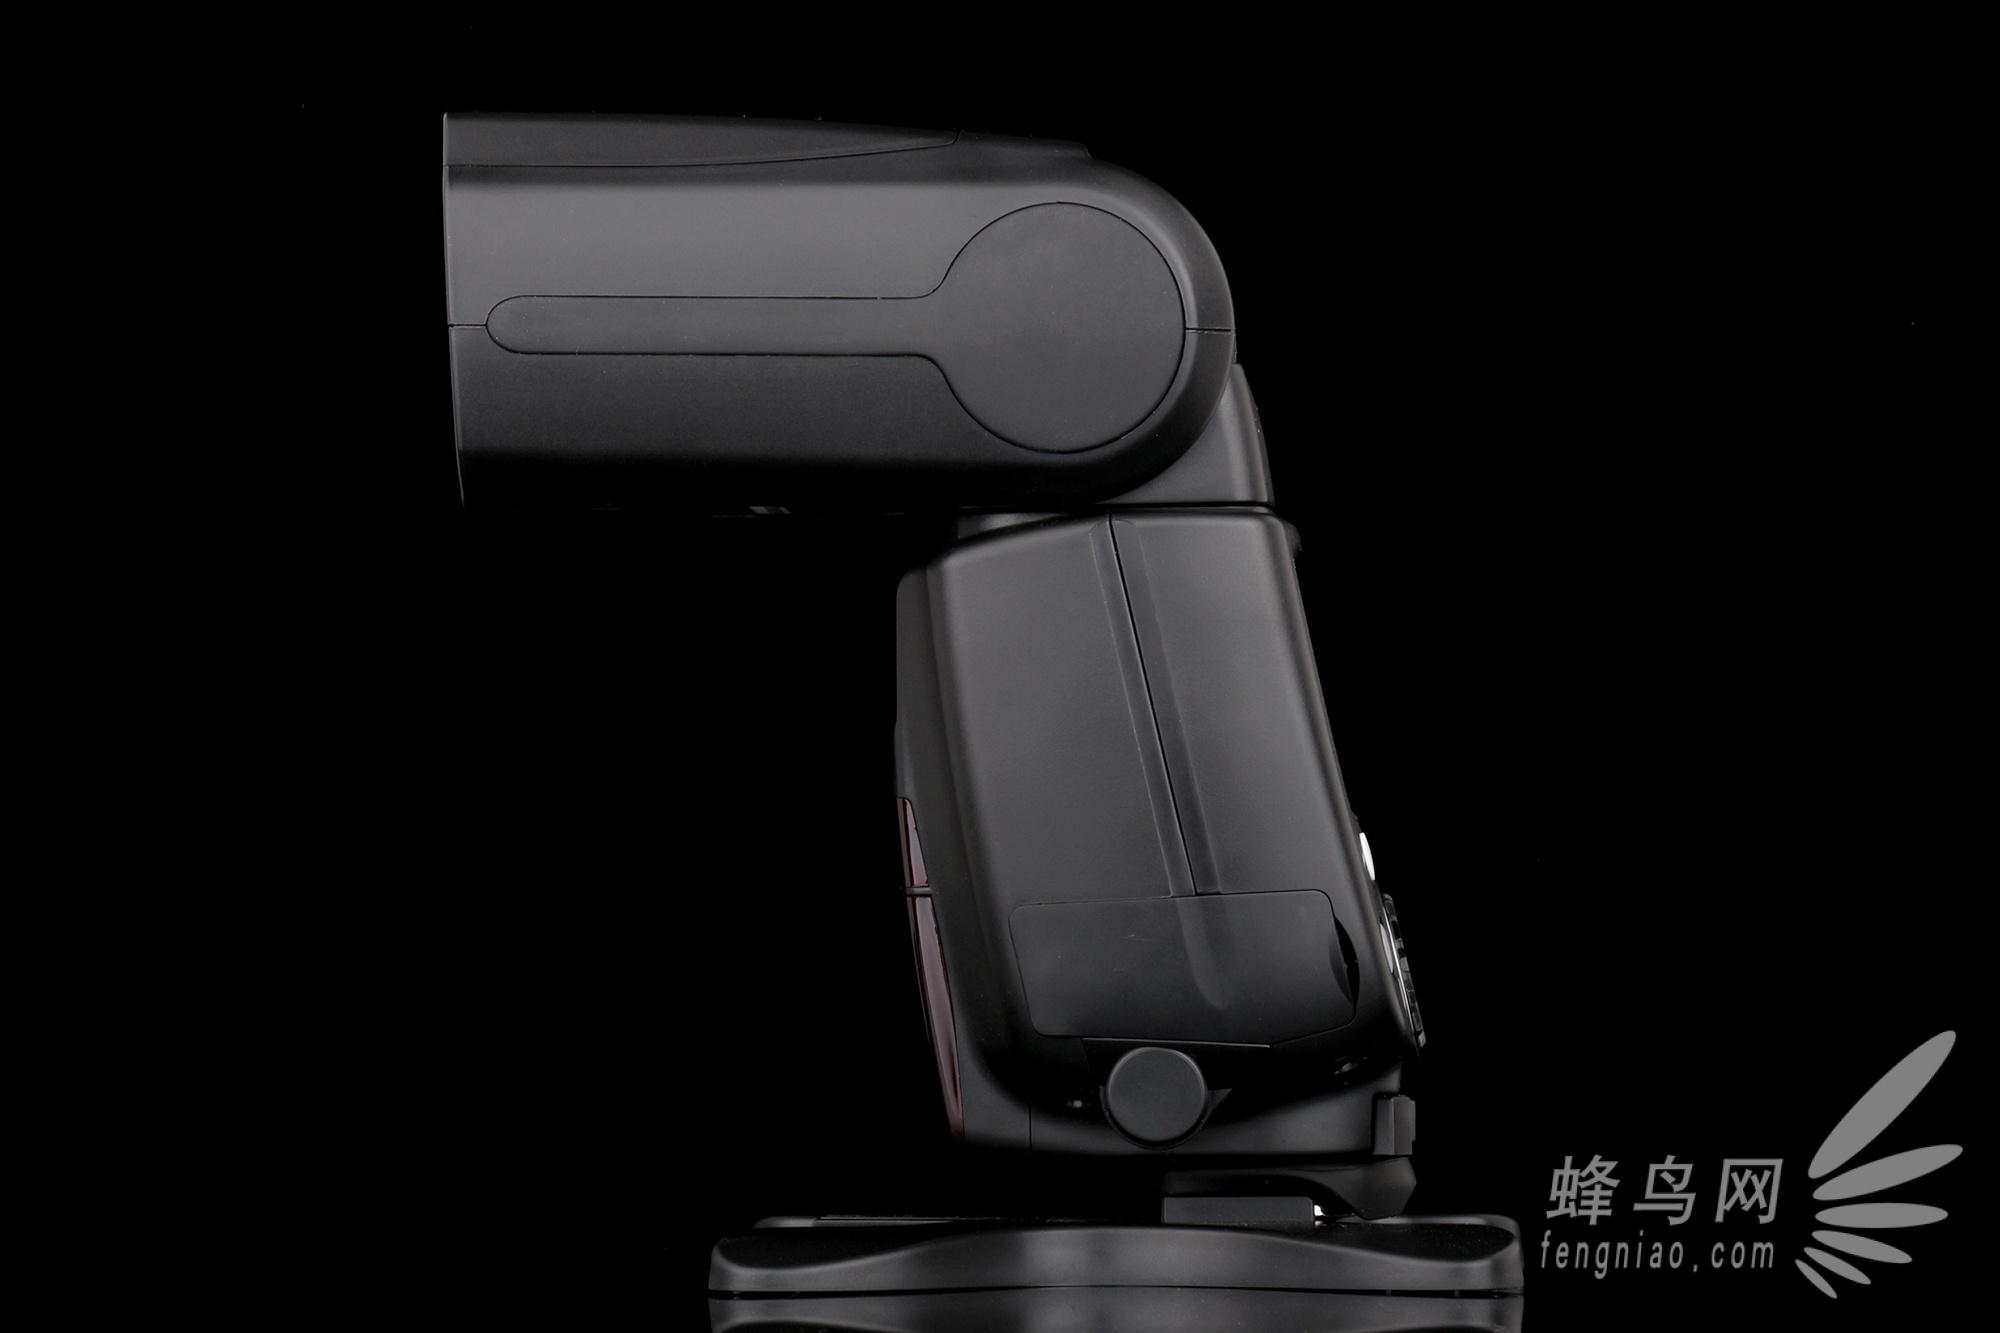 gn60无线ttl闪光 品色x800c闪灯详细评测